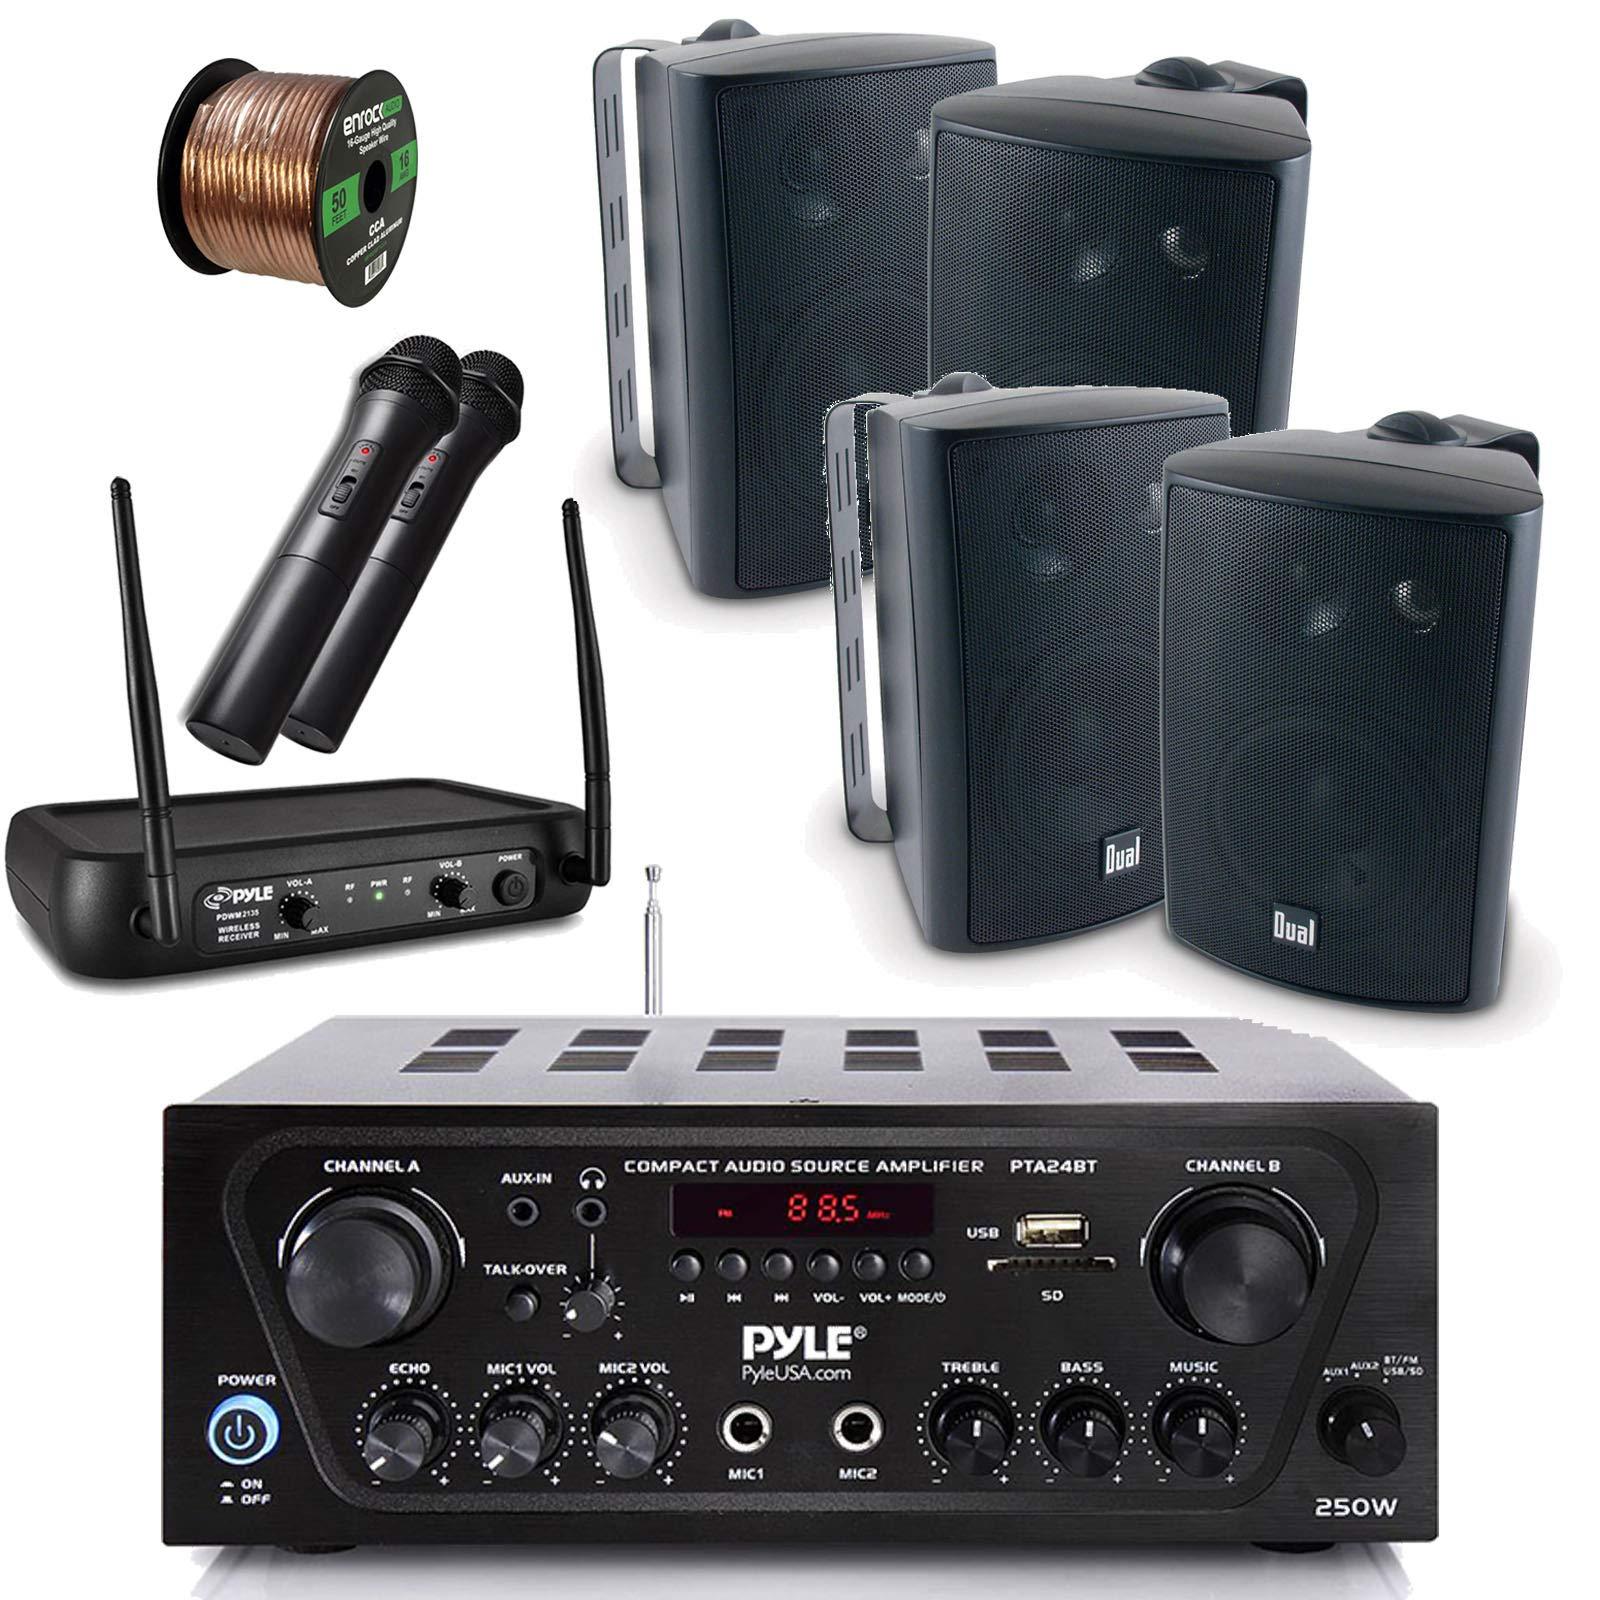 Pyle Wireless Bluetooth Stereo Receiver Amplifier, Dual Channel VHF Wireless Microphone System, 4x Dual Electronics 4'' 100-Watt Indoor/Outdoor Speakers - Black, 50Ft Speaker Wire - PA , Karaoke , DJ